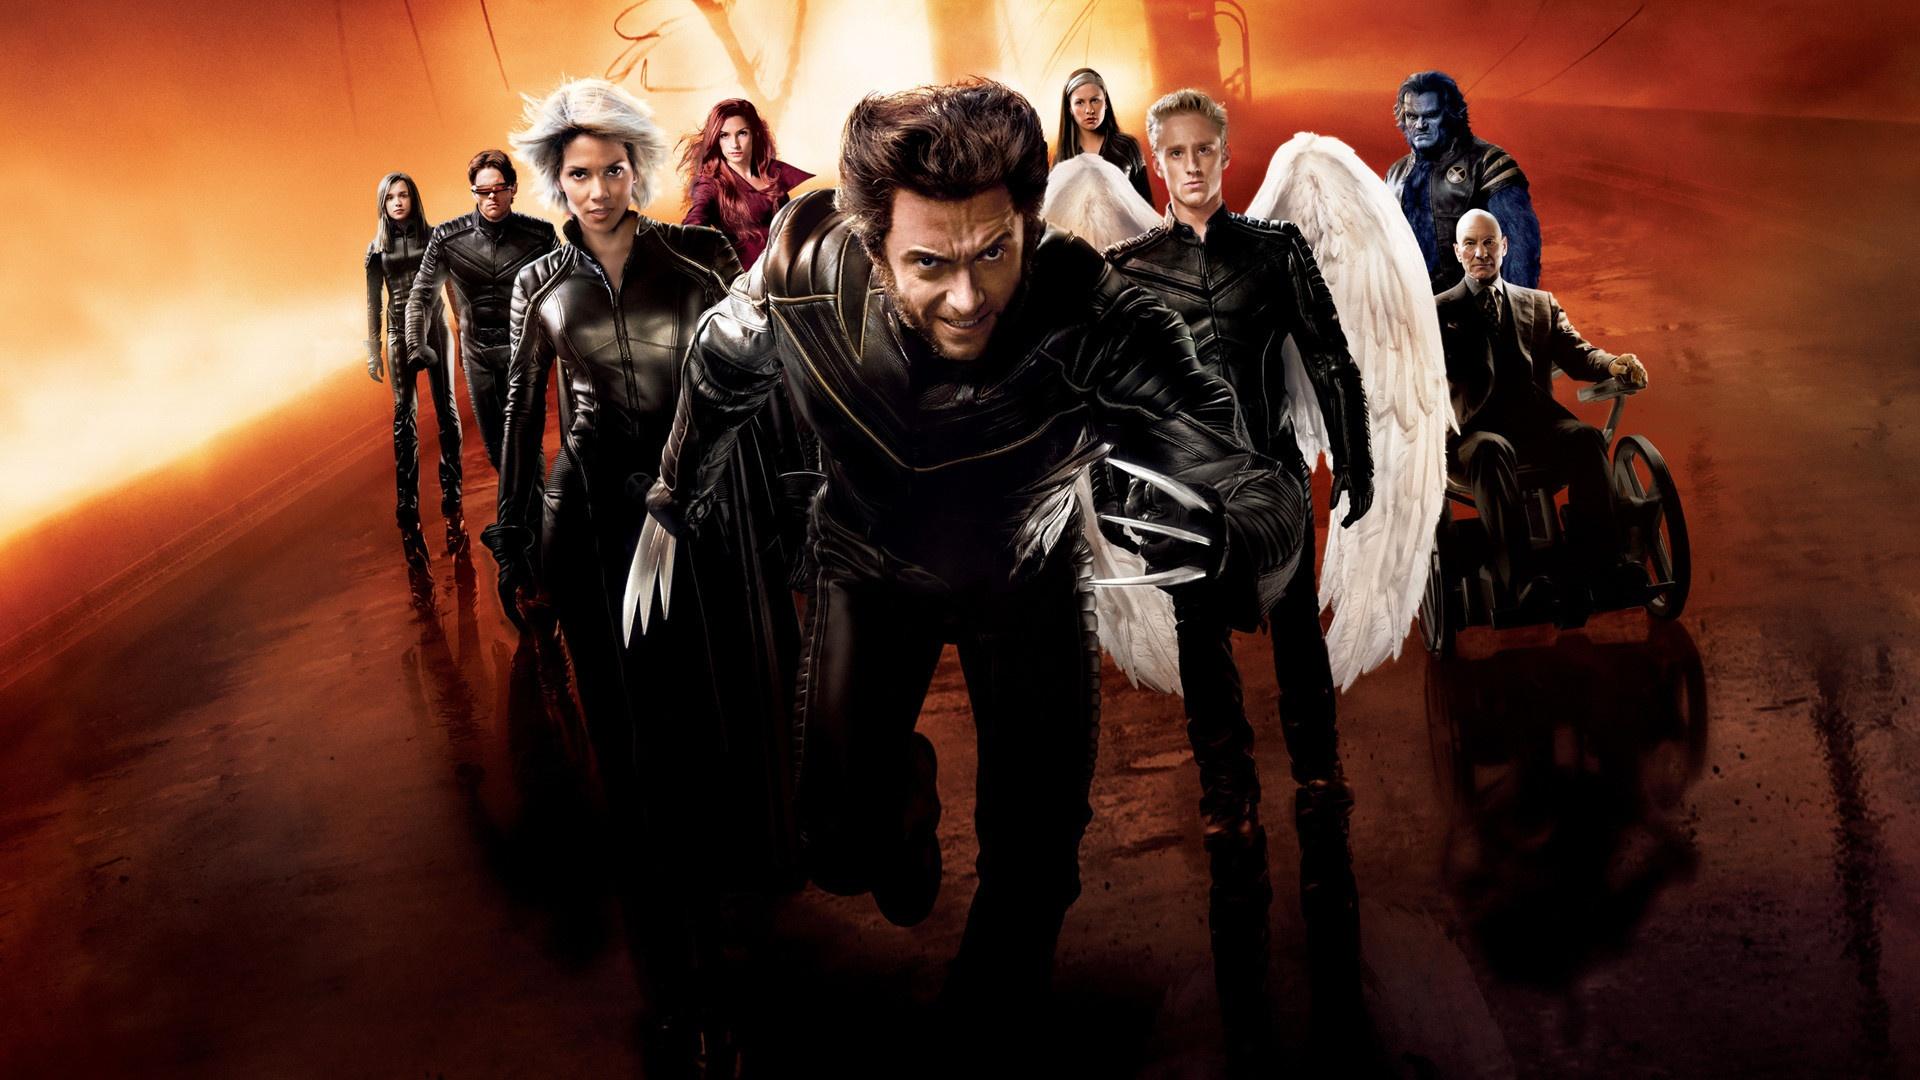 Download Storm X Men Movie Wallpapers 1920x1080